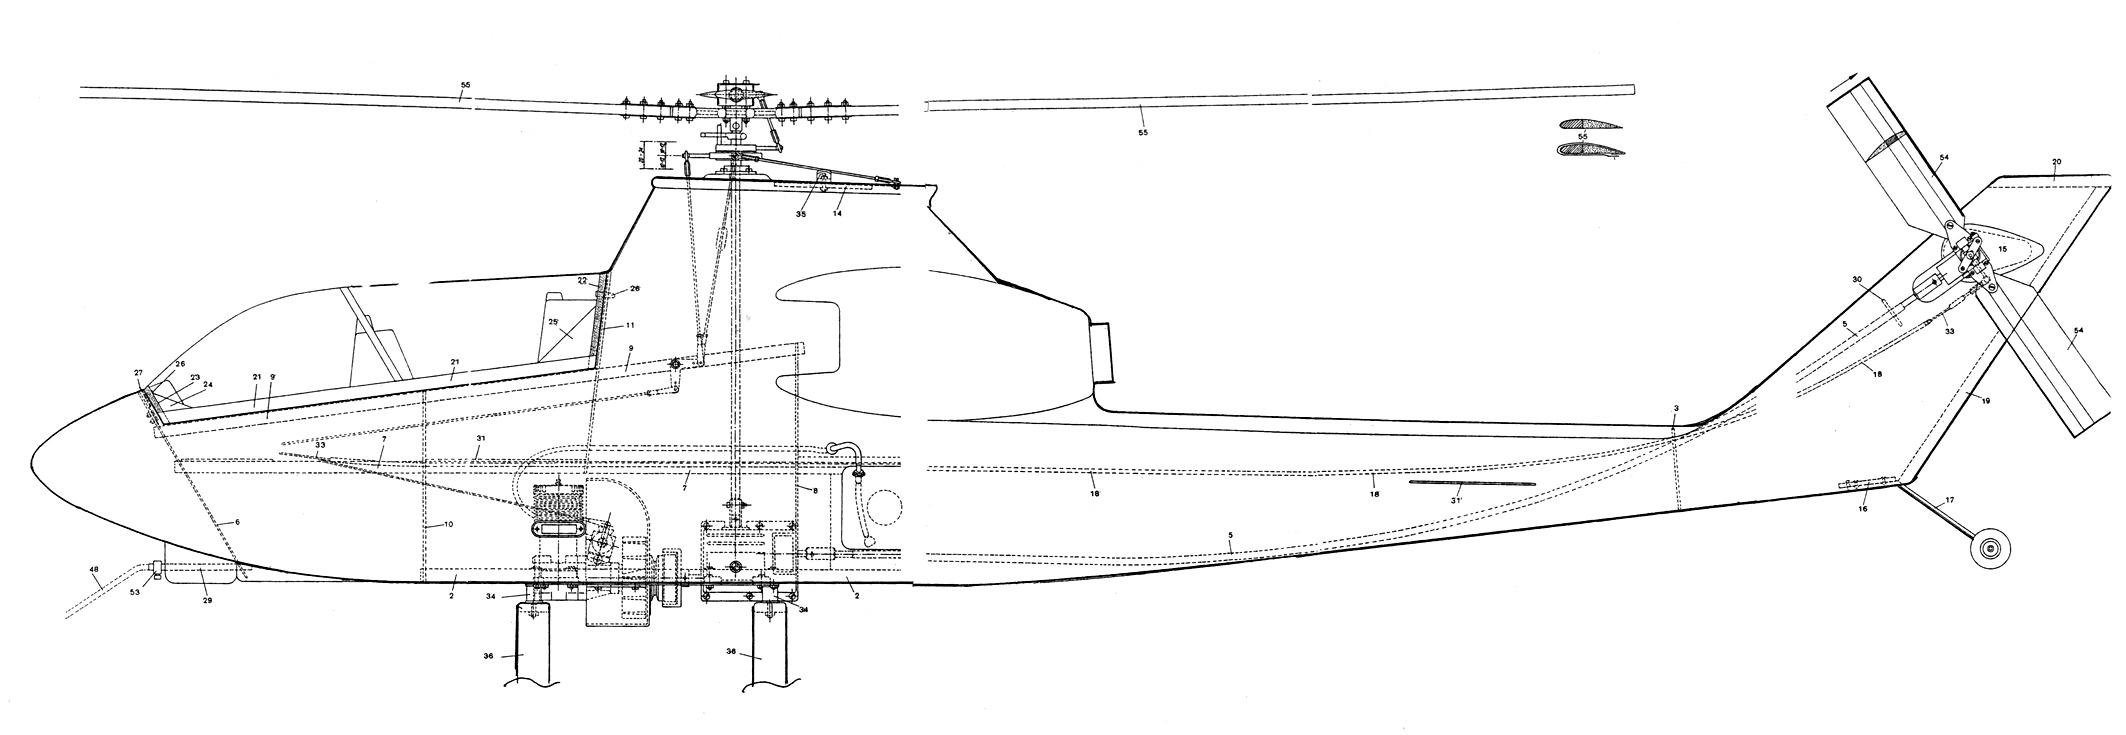 Вертолет чертежи своими руками